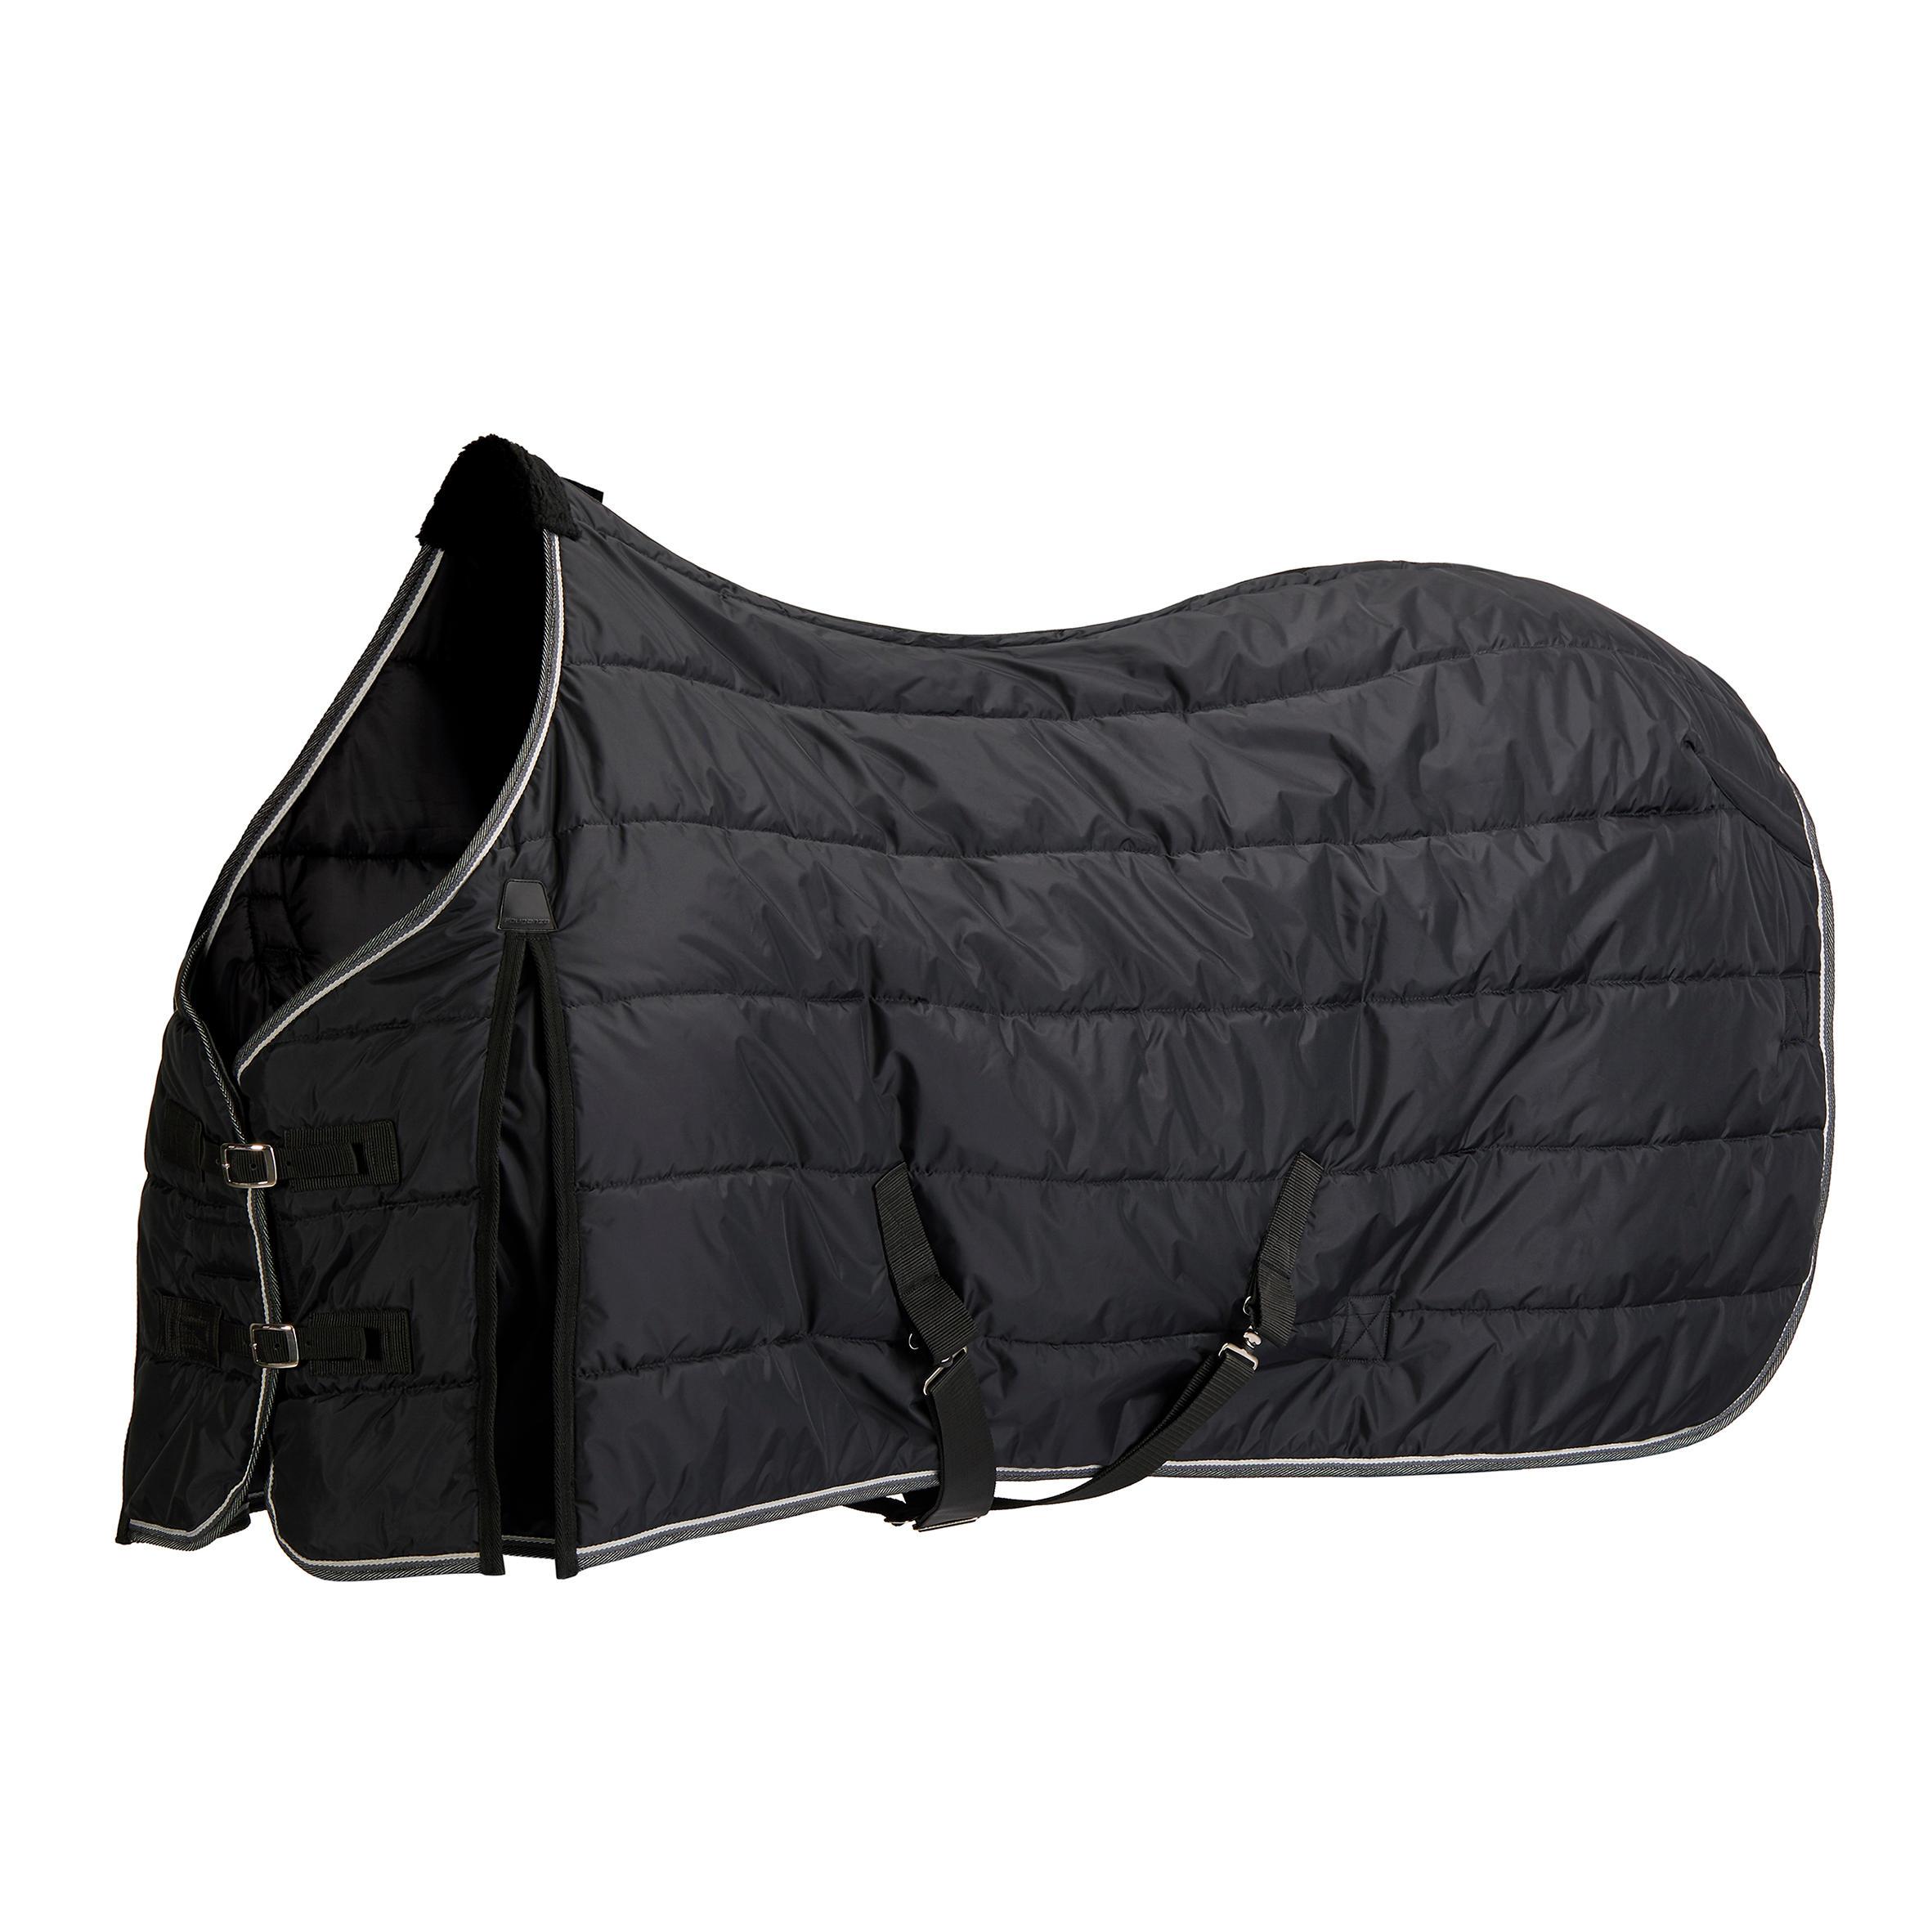 Pătură echitație STABLE 200